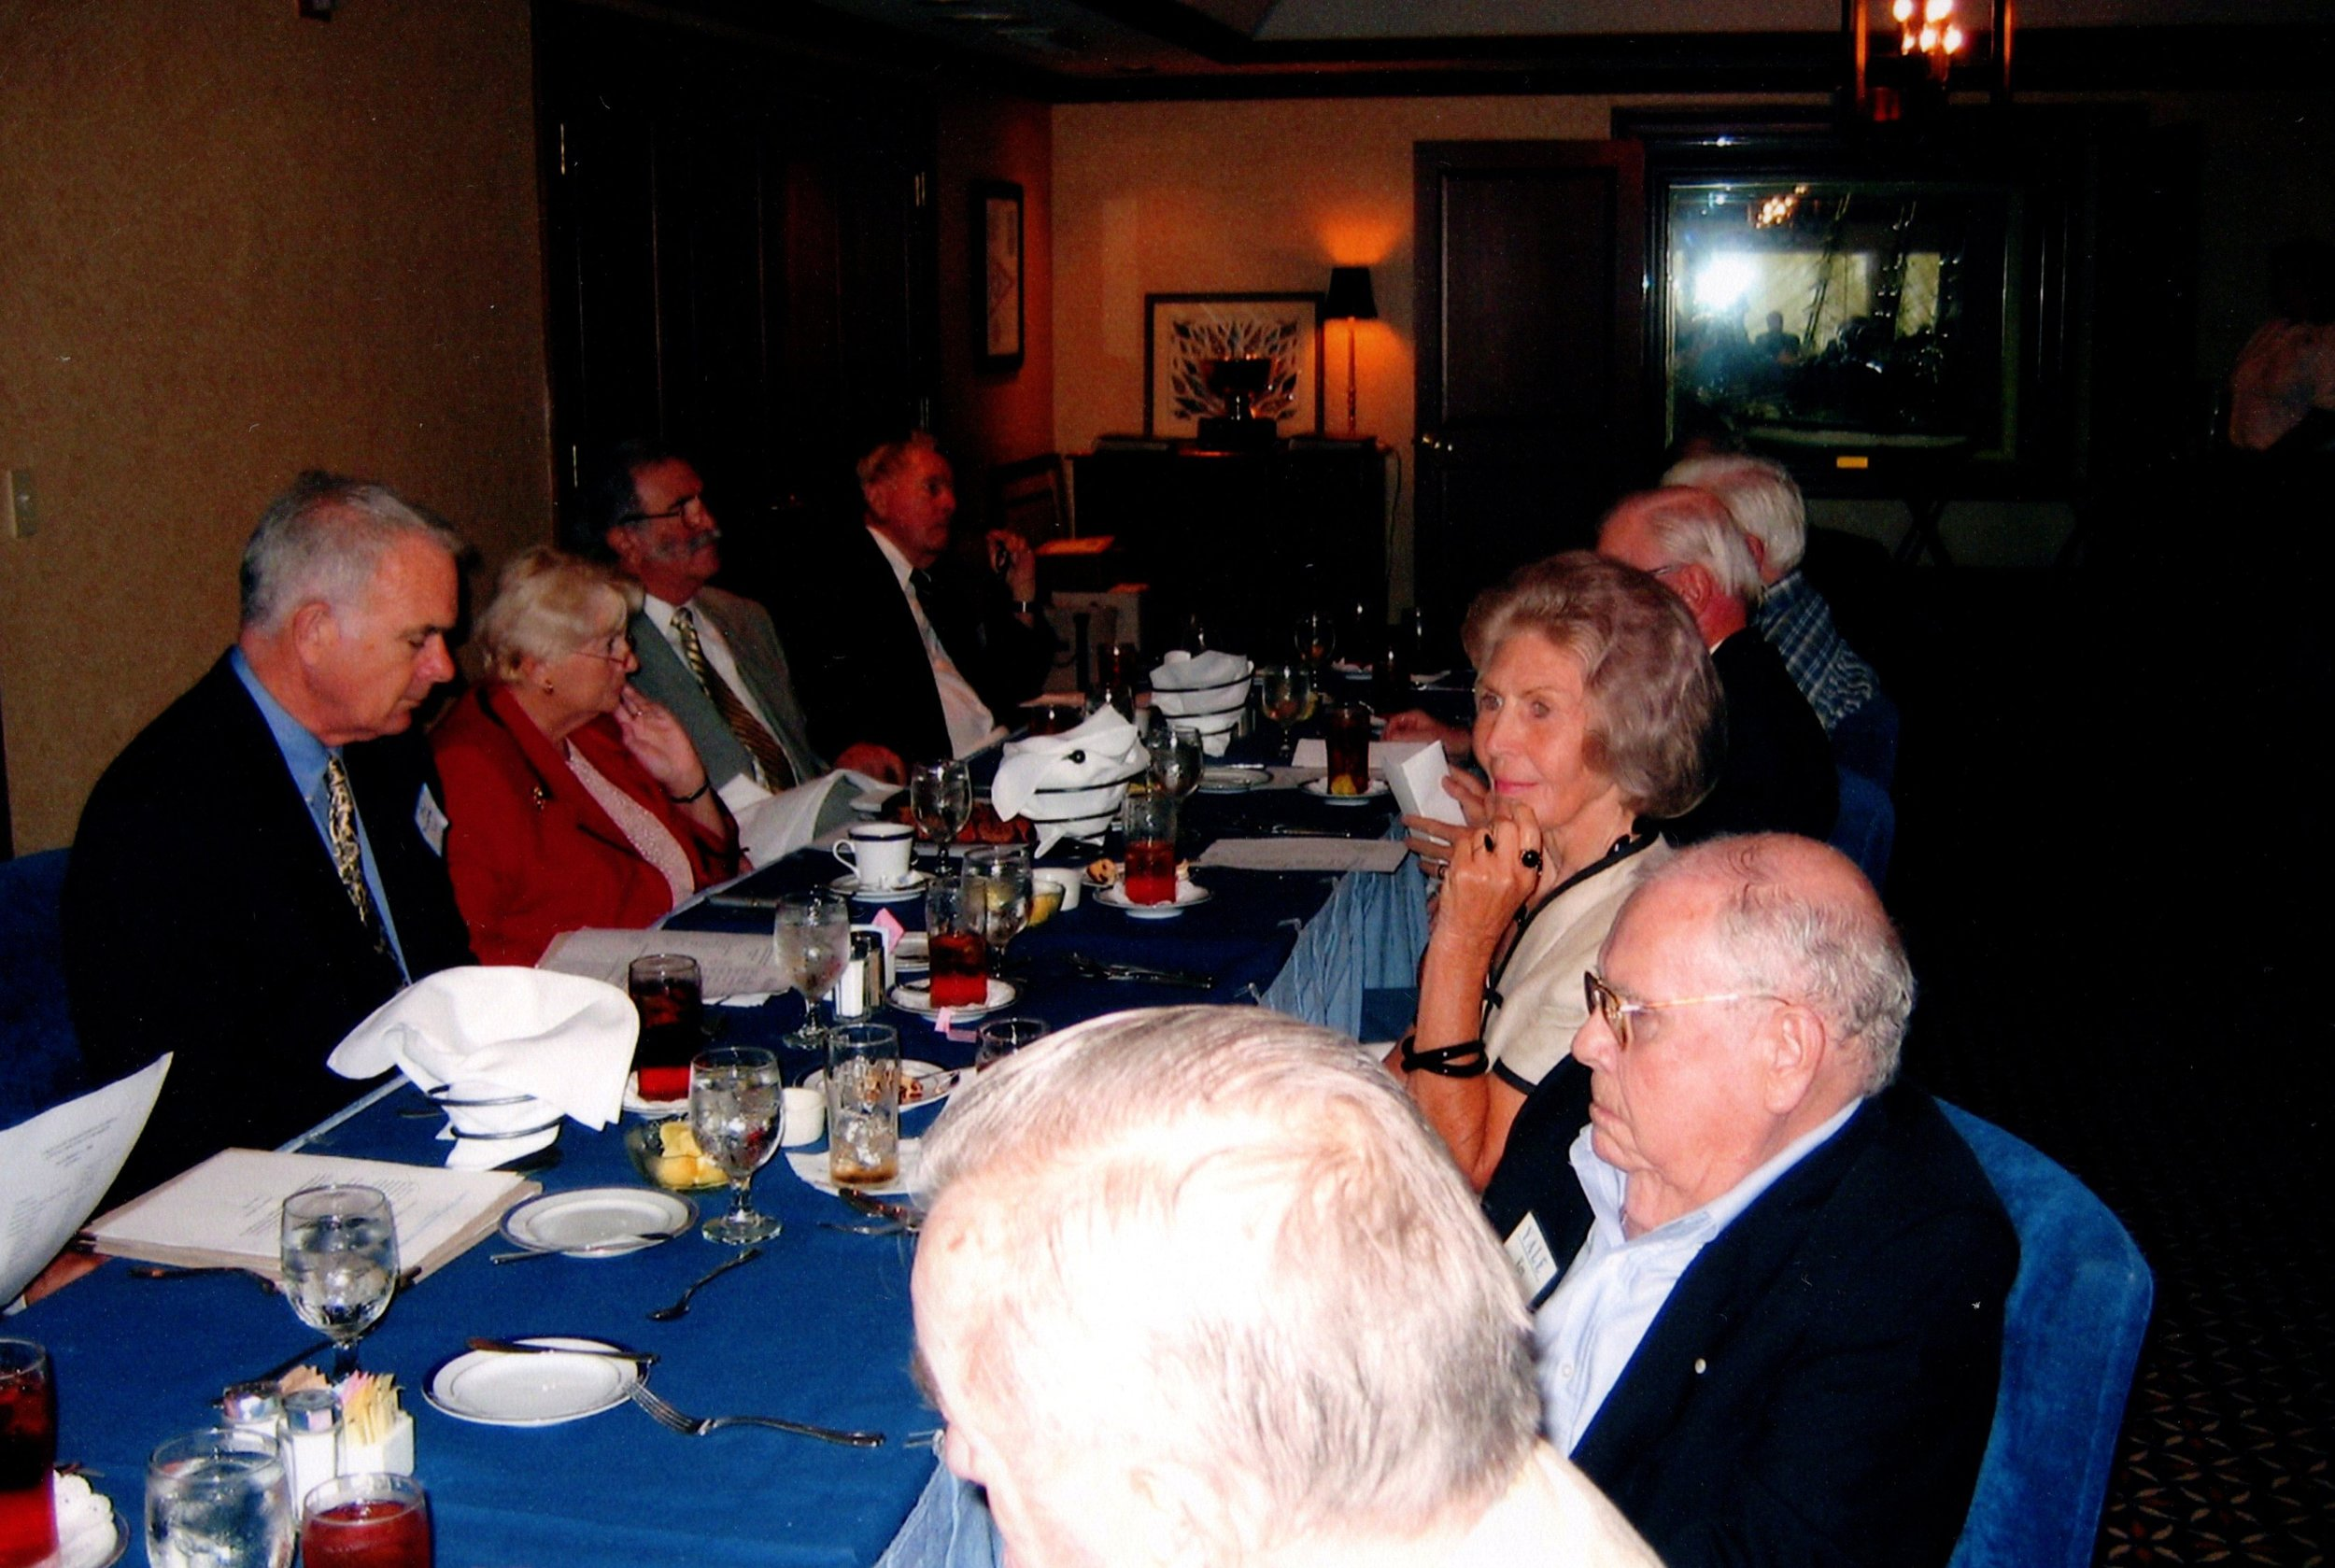 11_11_2004 - ANNUAL MEETING OF MEMBERS - NAPLES YACHT CLUB 7.jpg